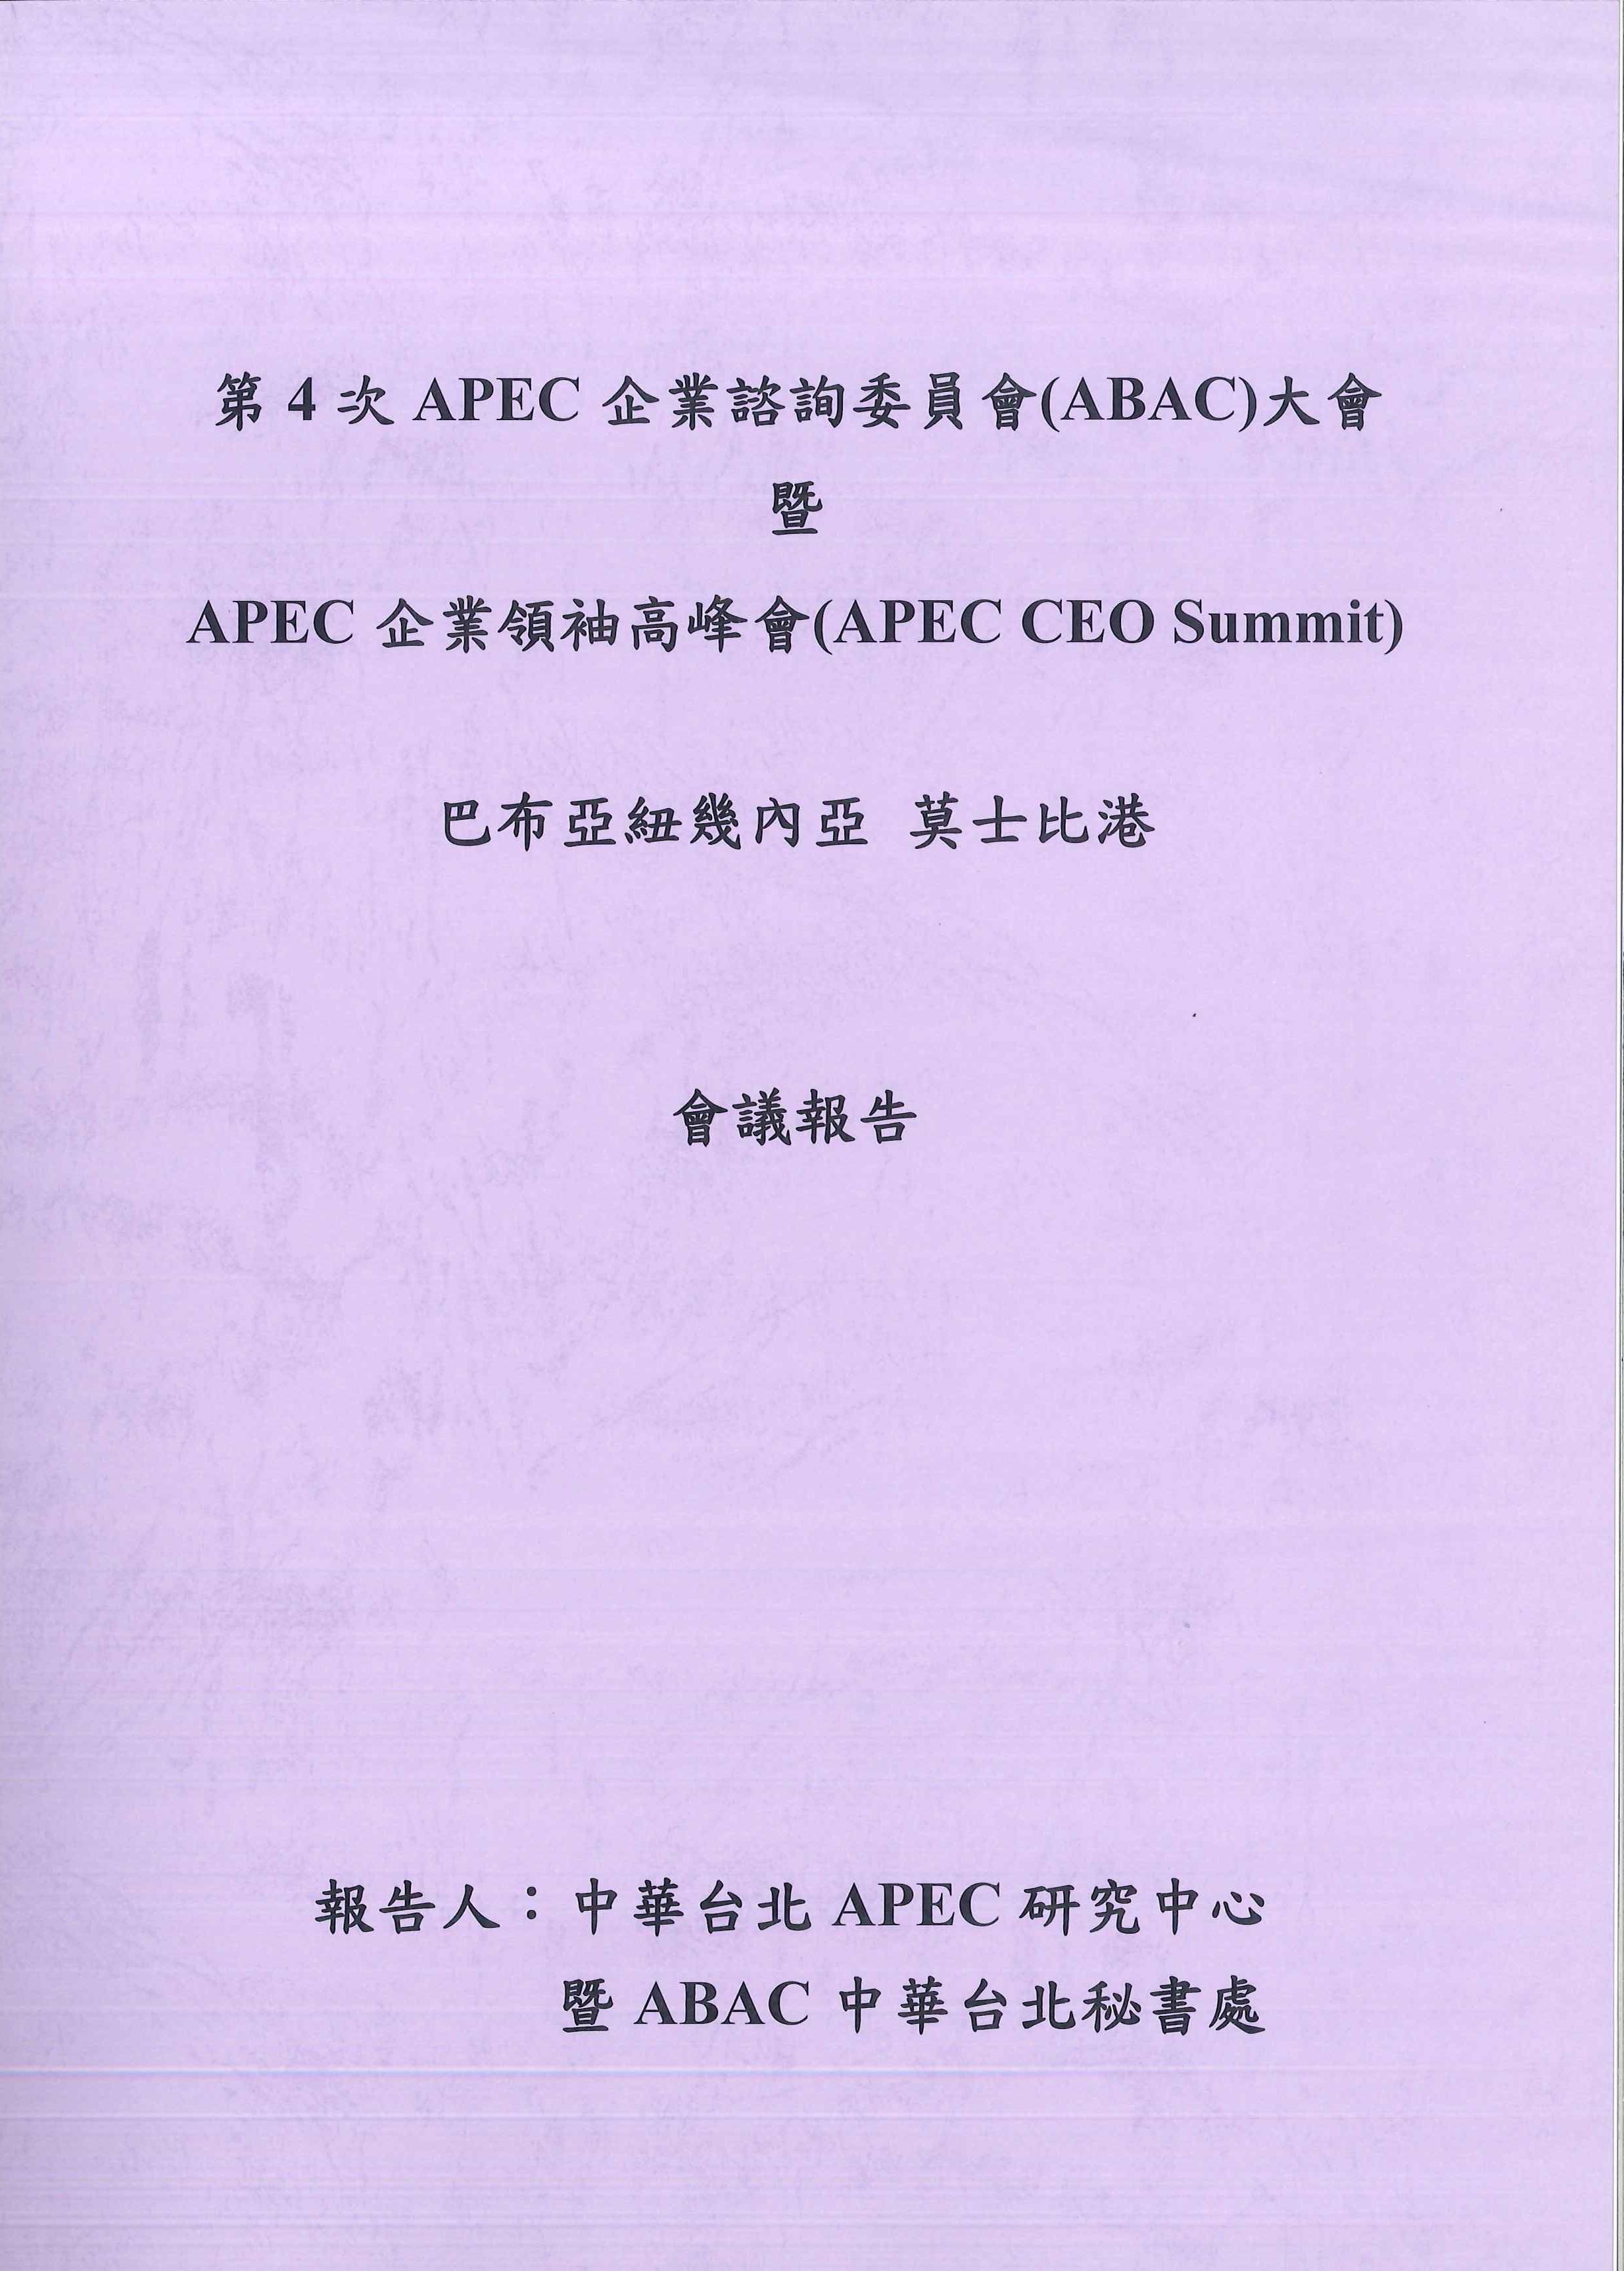 第4次APEC企業諮詢委員會(ABAC)大會暨APEC企業領袖高峰會(APEC CEO Summit)巴布亞紐幾內亞莫士比港會議報告